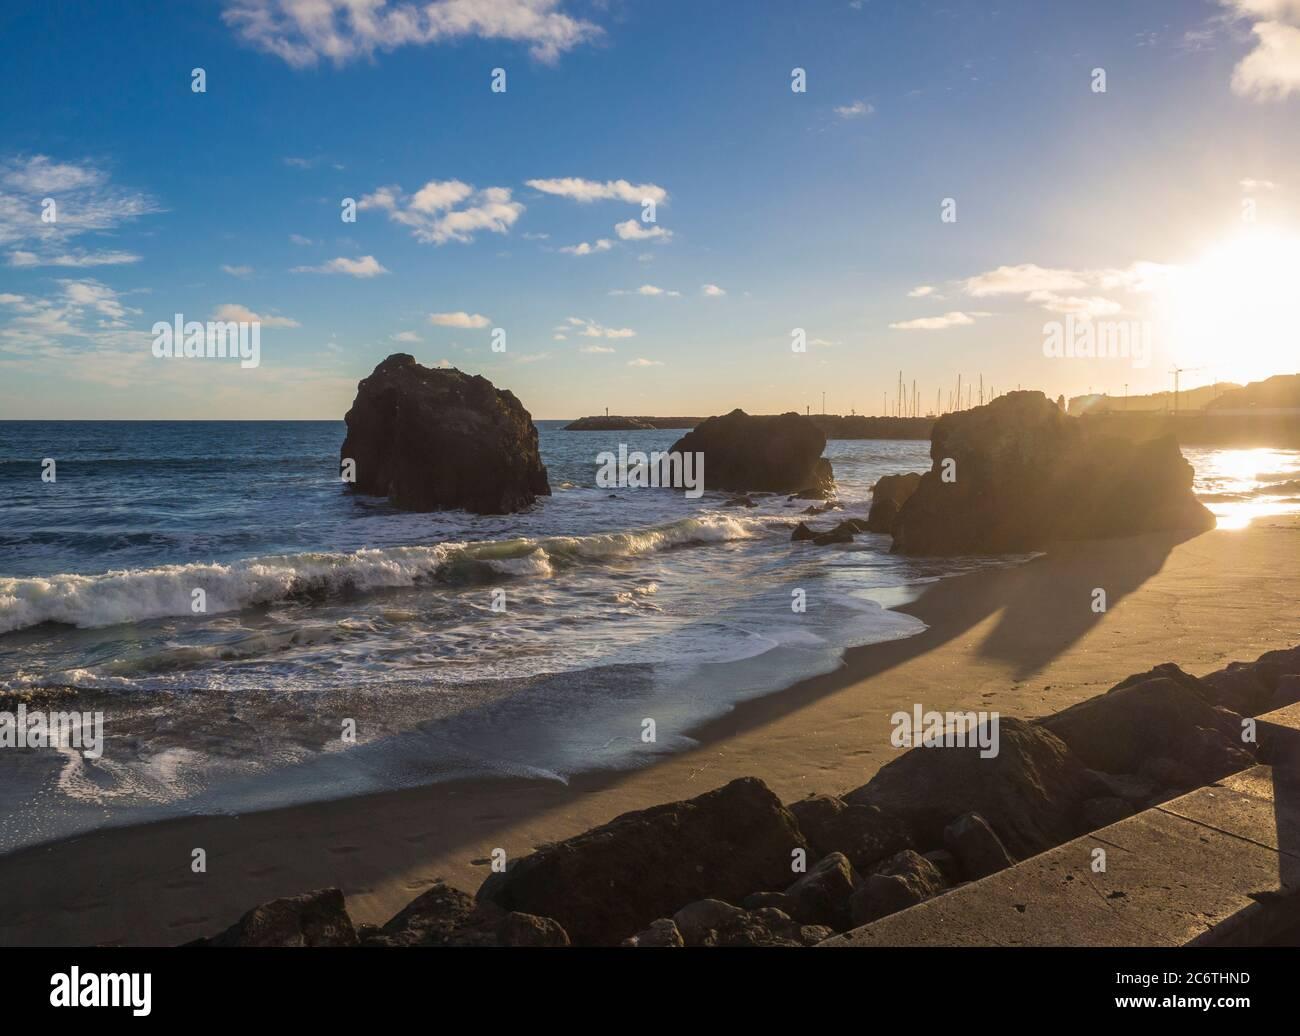 Playa de arena de la ciudad Vila Franca do campo con rocas volcánicas en el océano, cielo azul y nubes blancas, Sao Miguel, Azores, Portugal Foto de stock